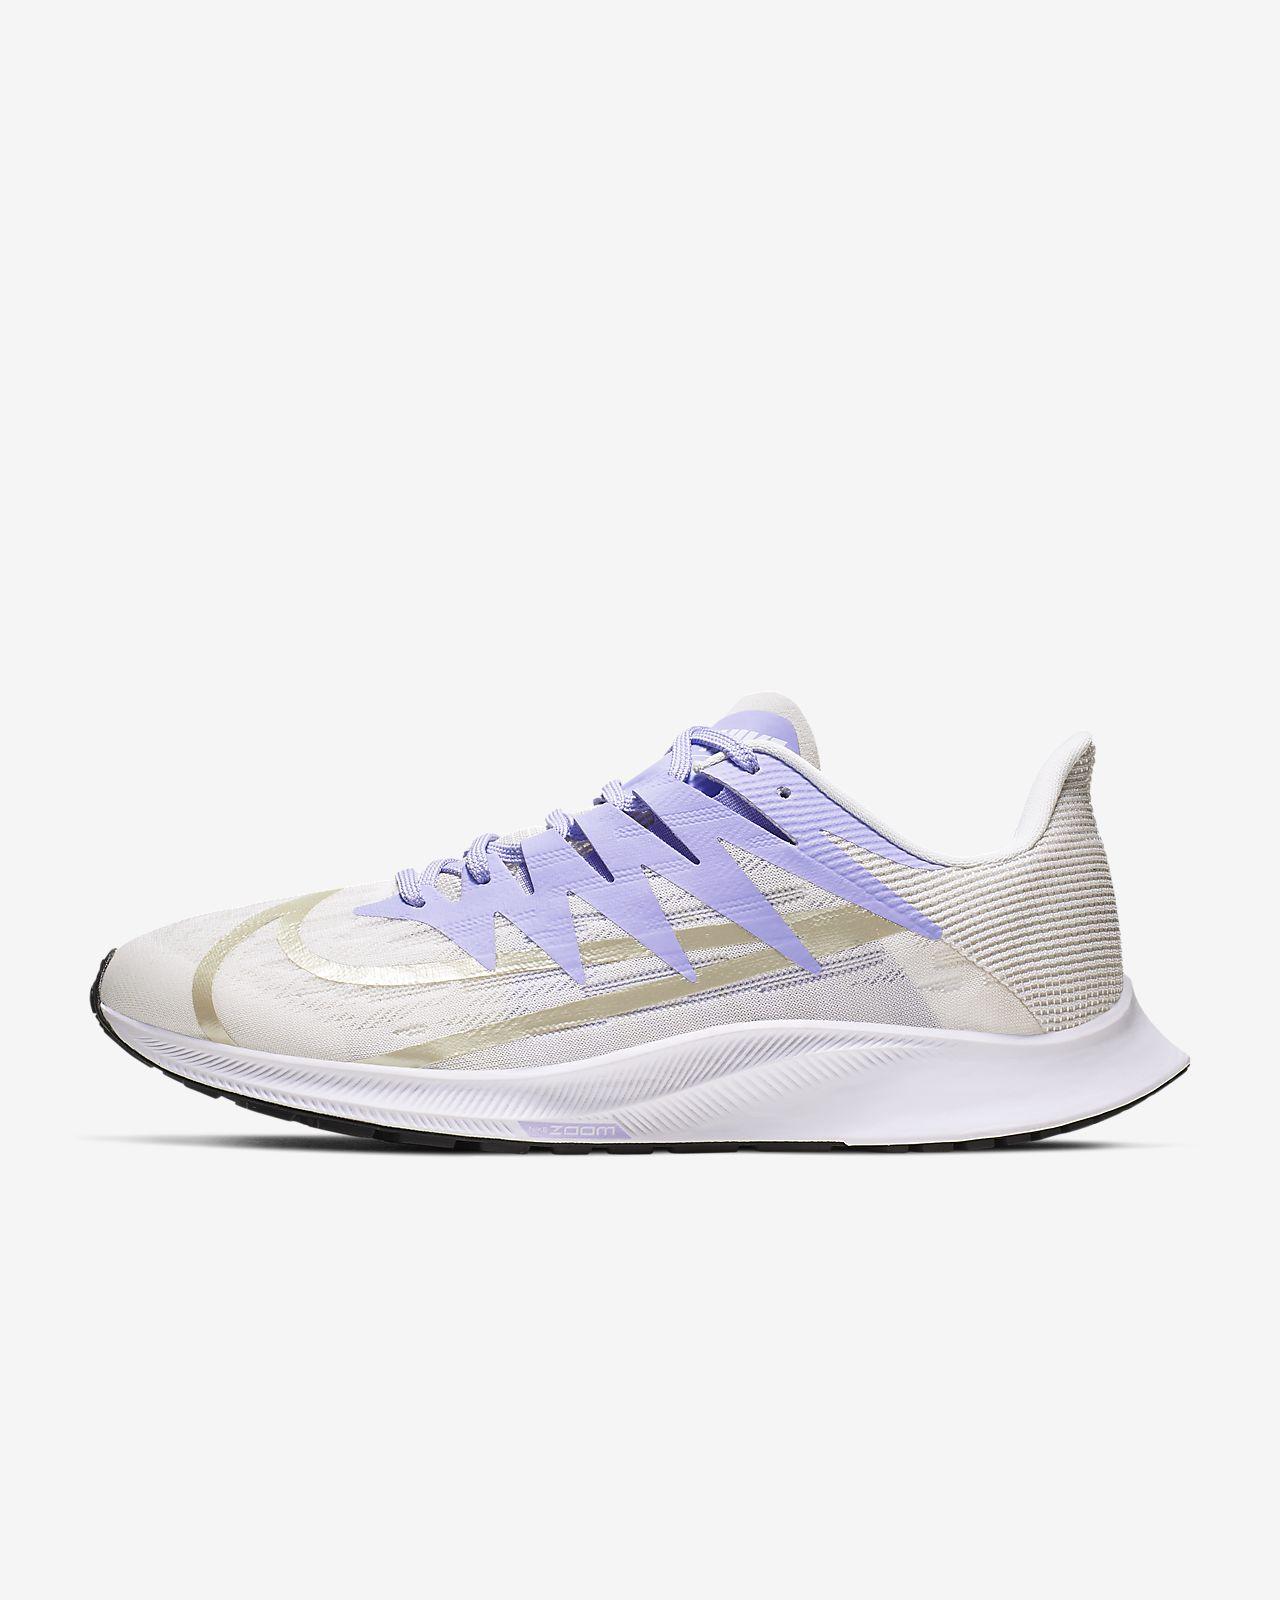 รองเท้าวิ่งผู้หญิง Nike Zoom Rival Fly